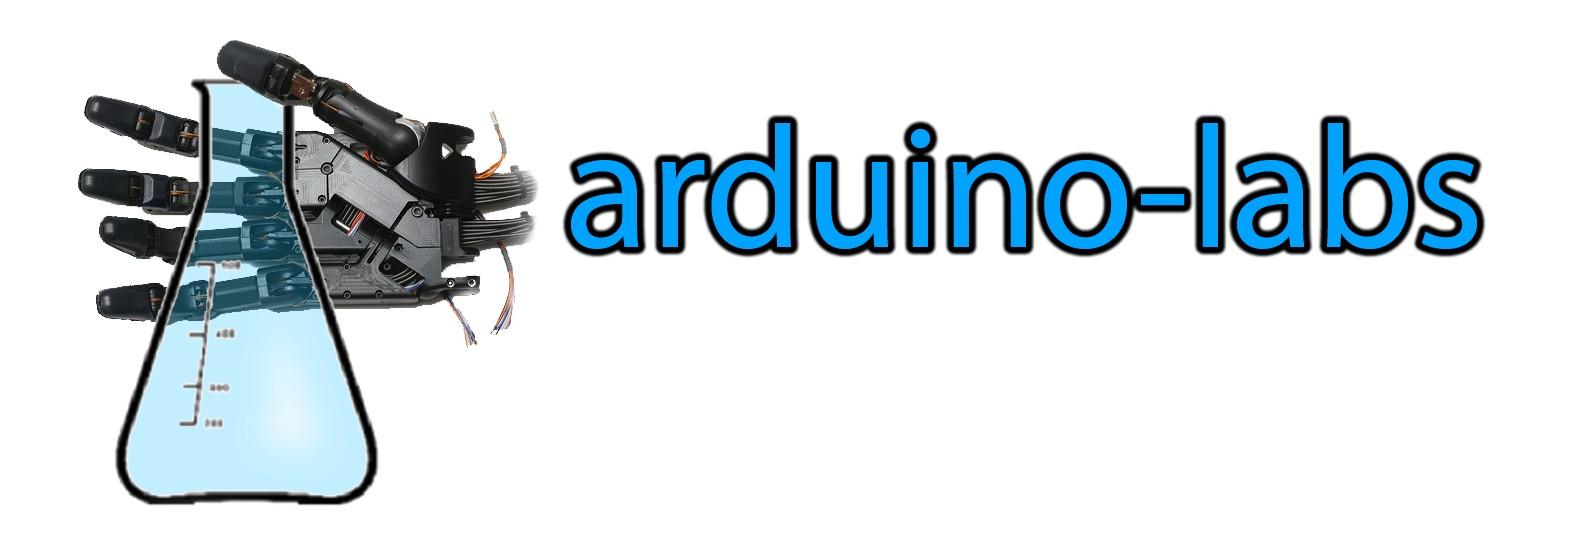 arduino-labs.com